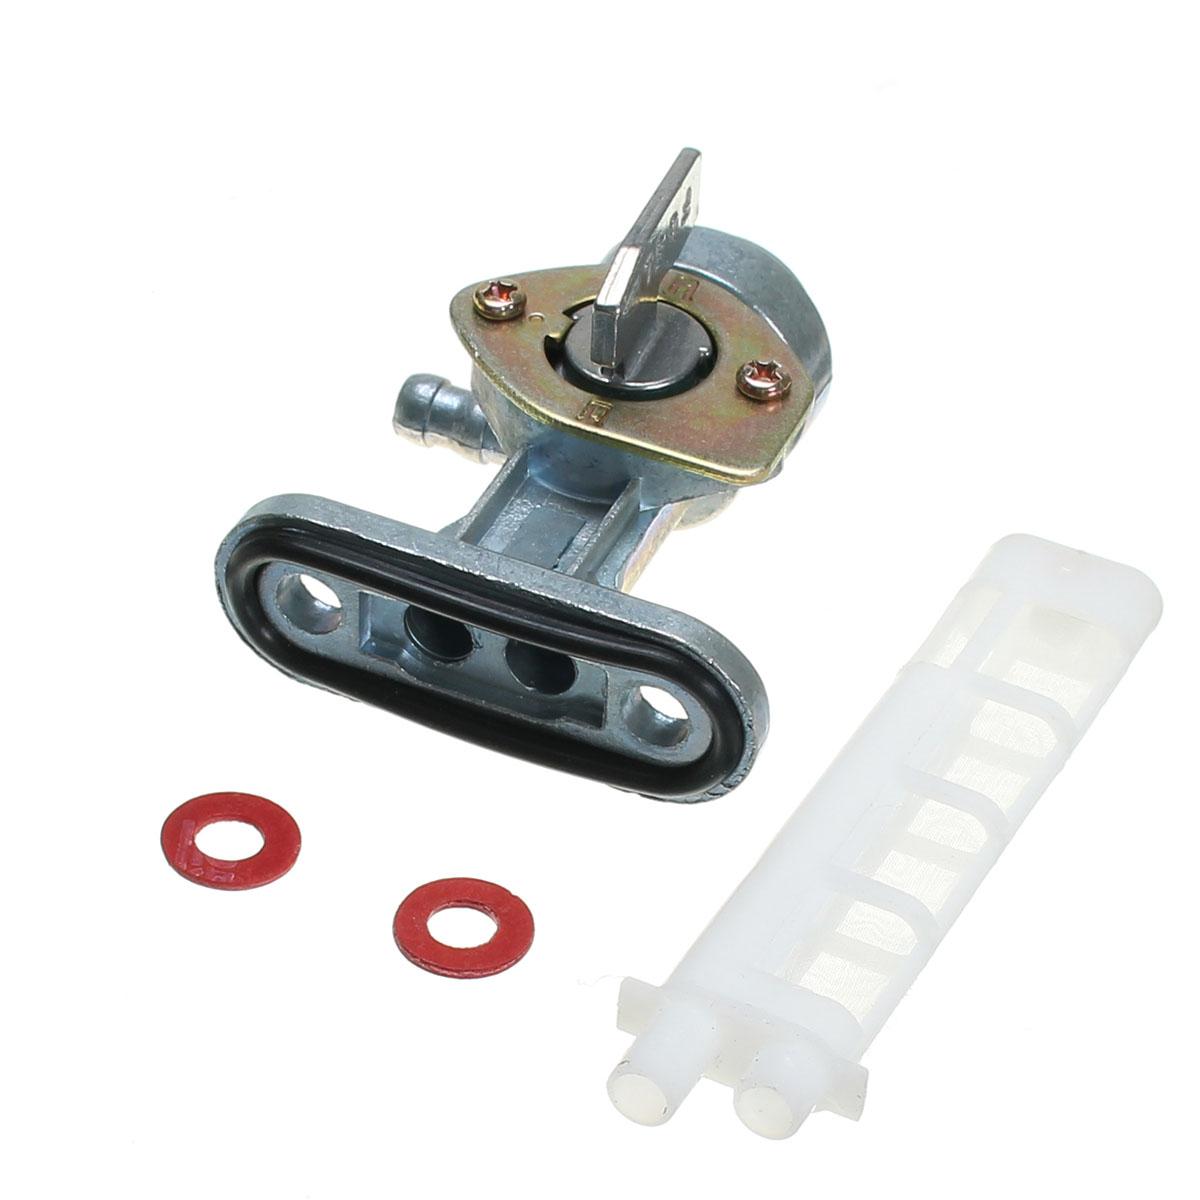 34mm Gas Petcock Fuel Tap Valve Switch Pump For Yamaha/Suzuki/Honda/Kawasaki